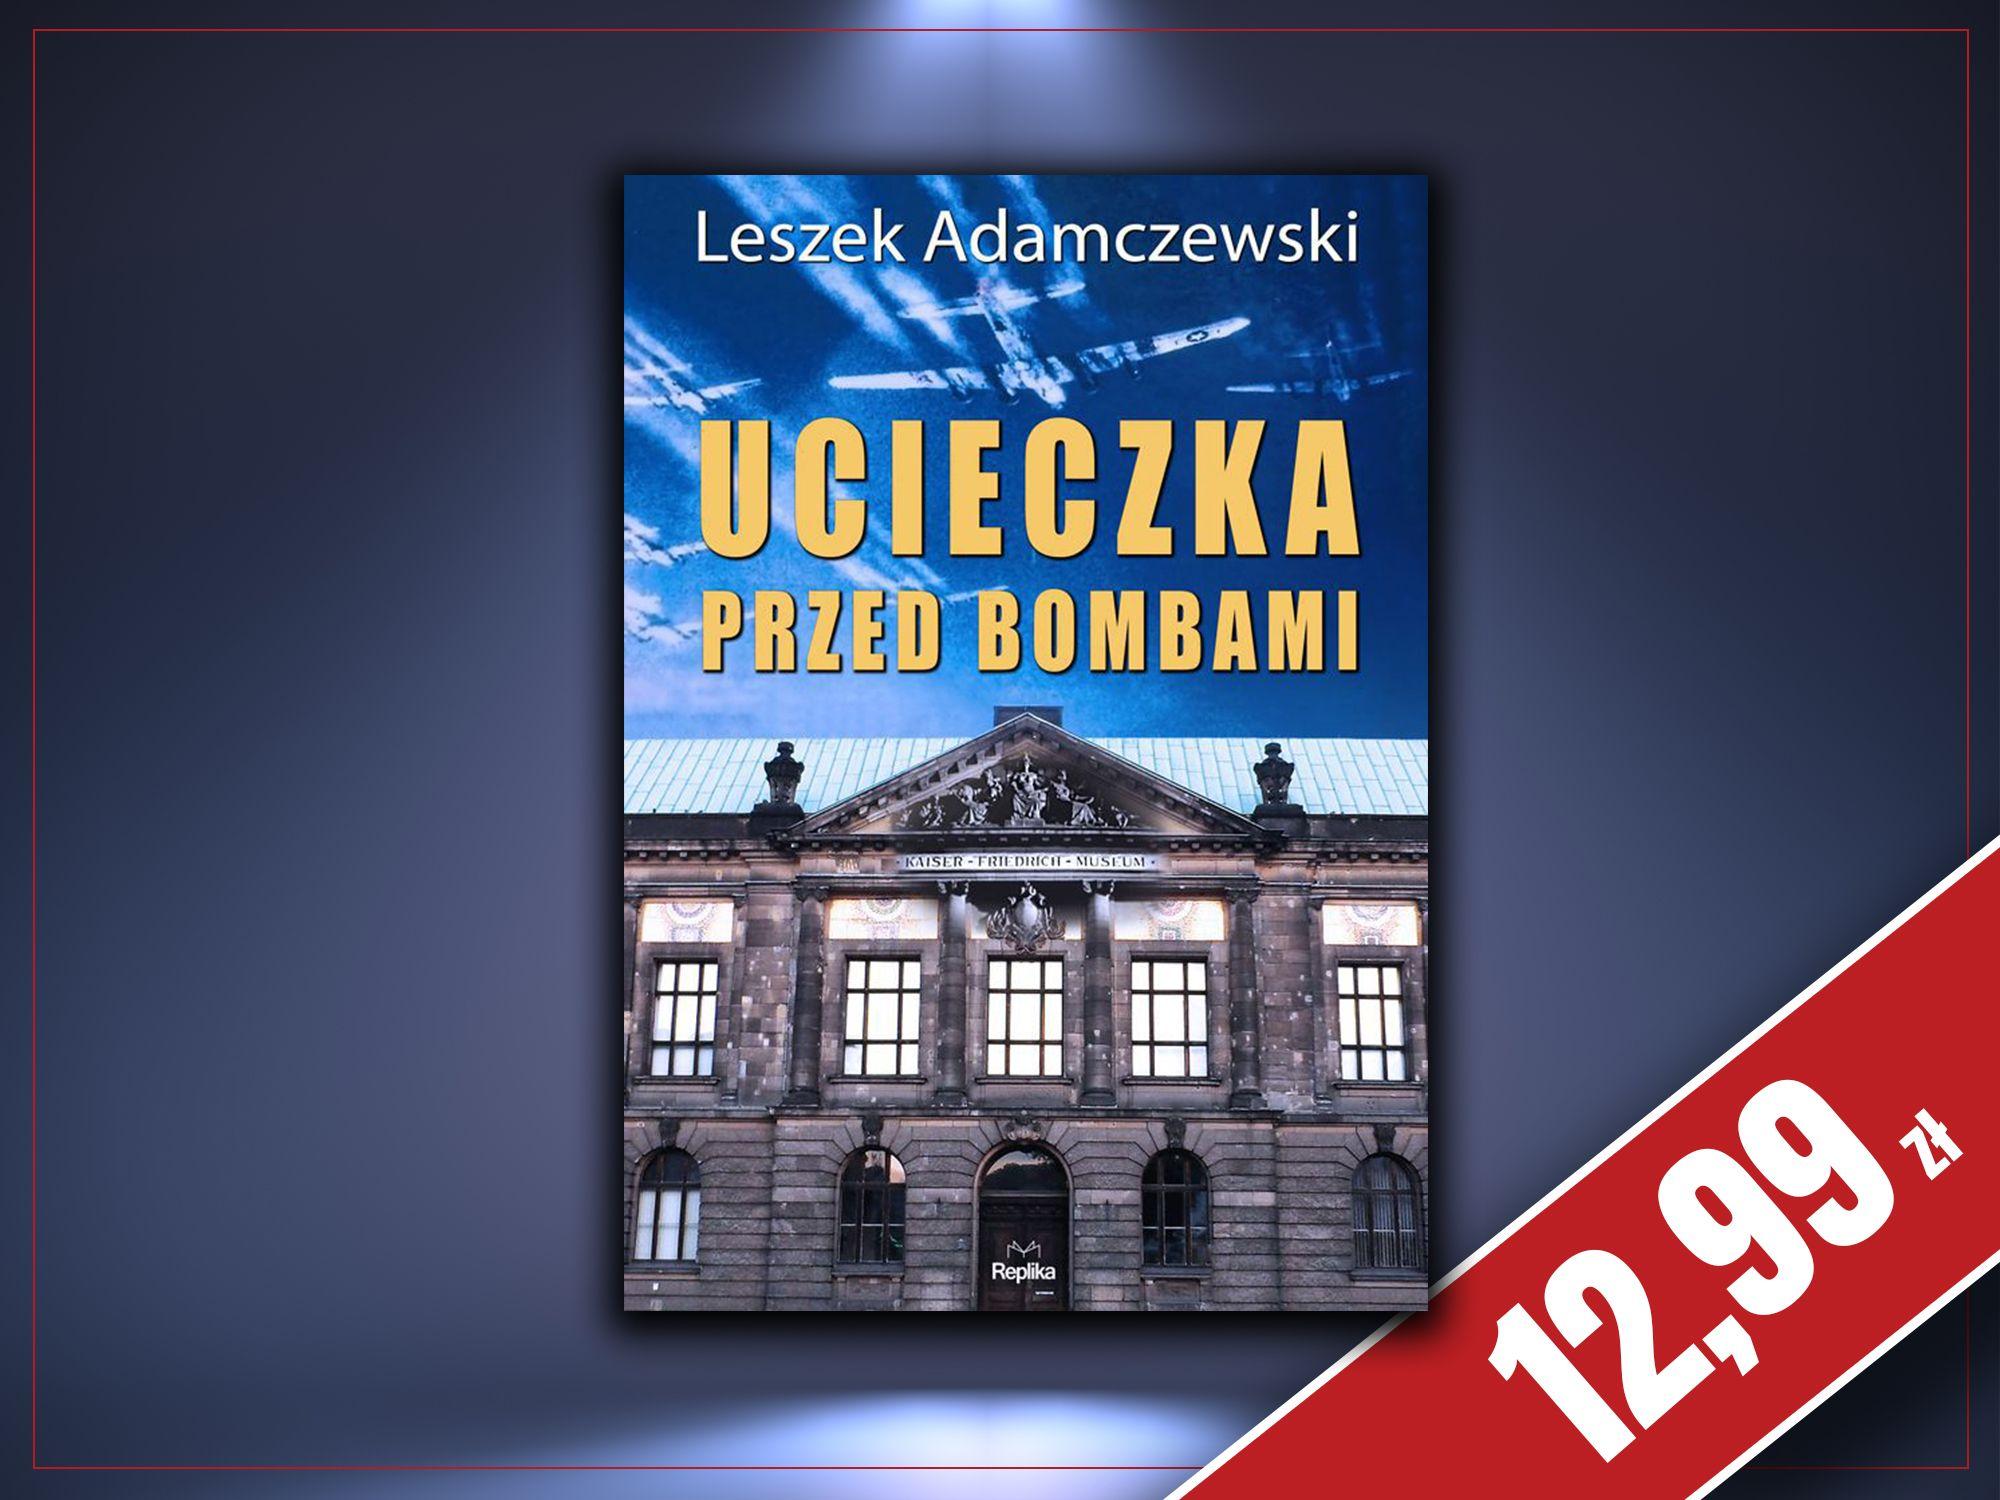 Ucieczka przed bombami, Leszek Adamczewski